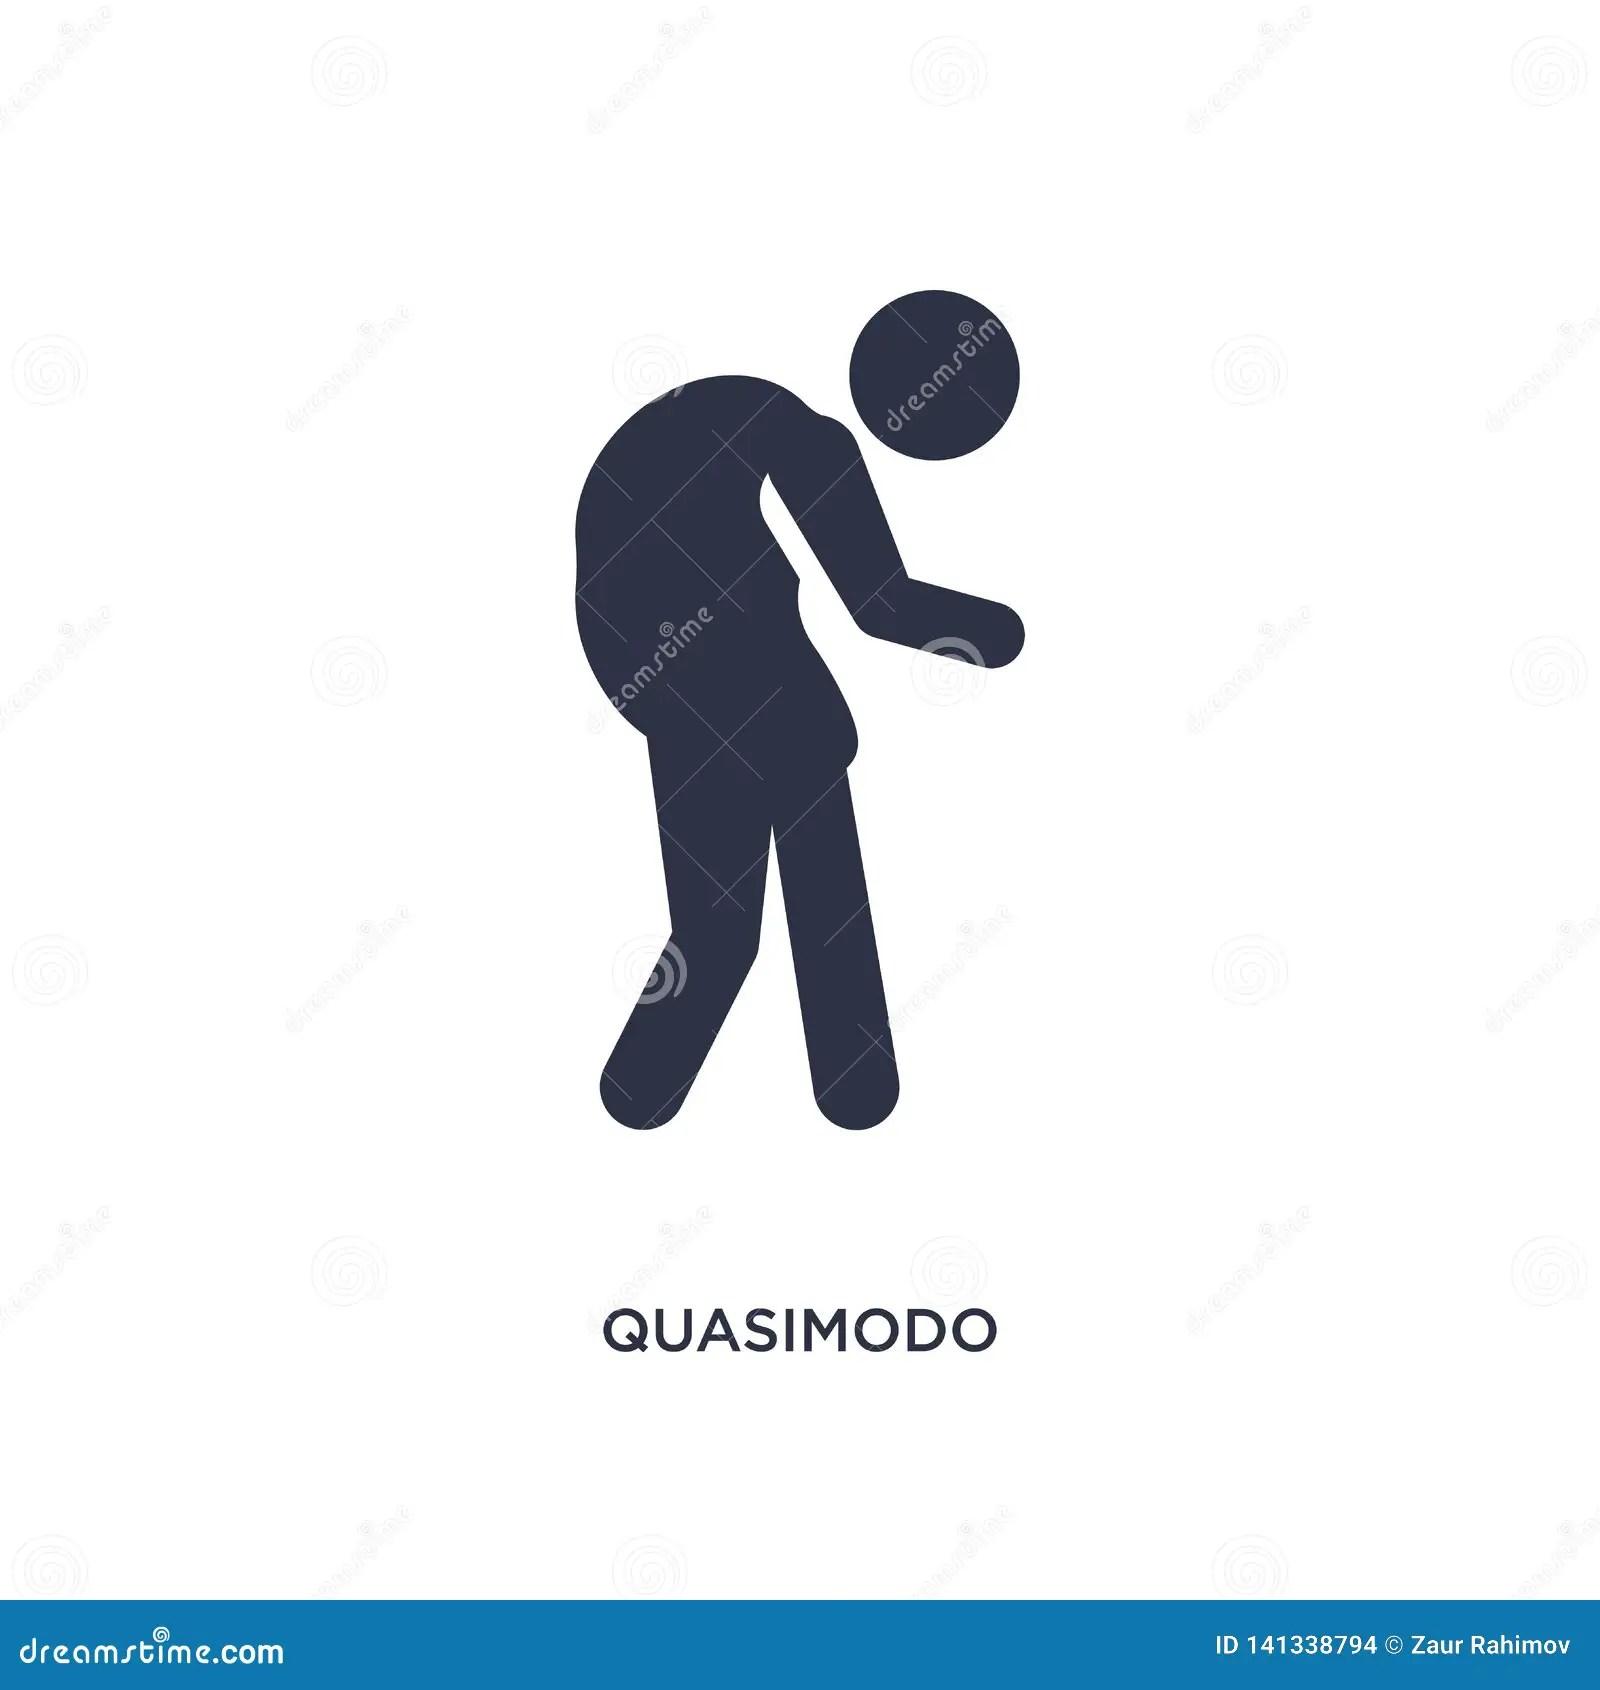 Quasimodo Icon On White Background Simple Element